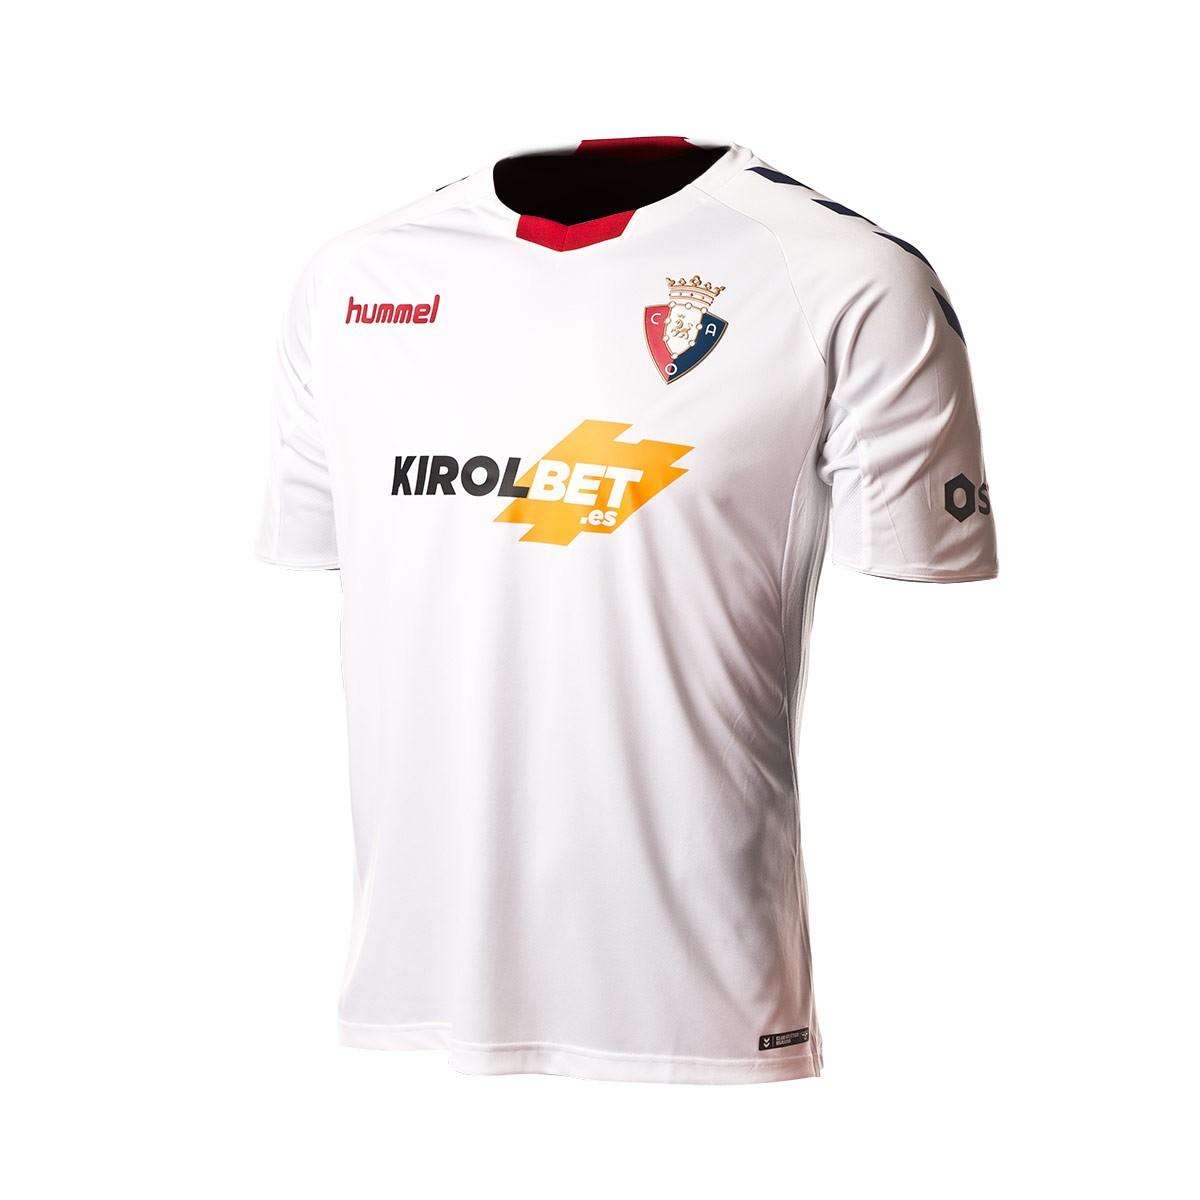 Camiseta Hummel CA Osasuna Tercera Equipación 2018-2019 White-Marine -  Soloporteros es ahora Fútbol Emotion af92806ae53f2